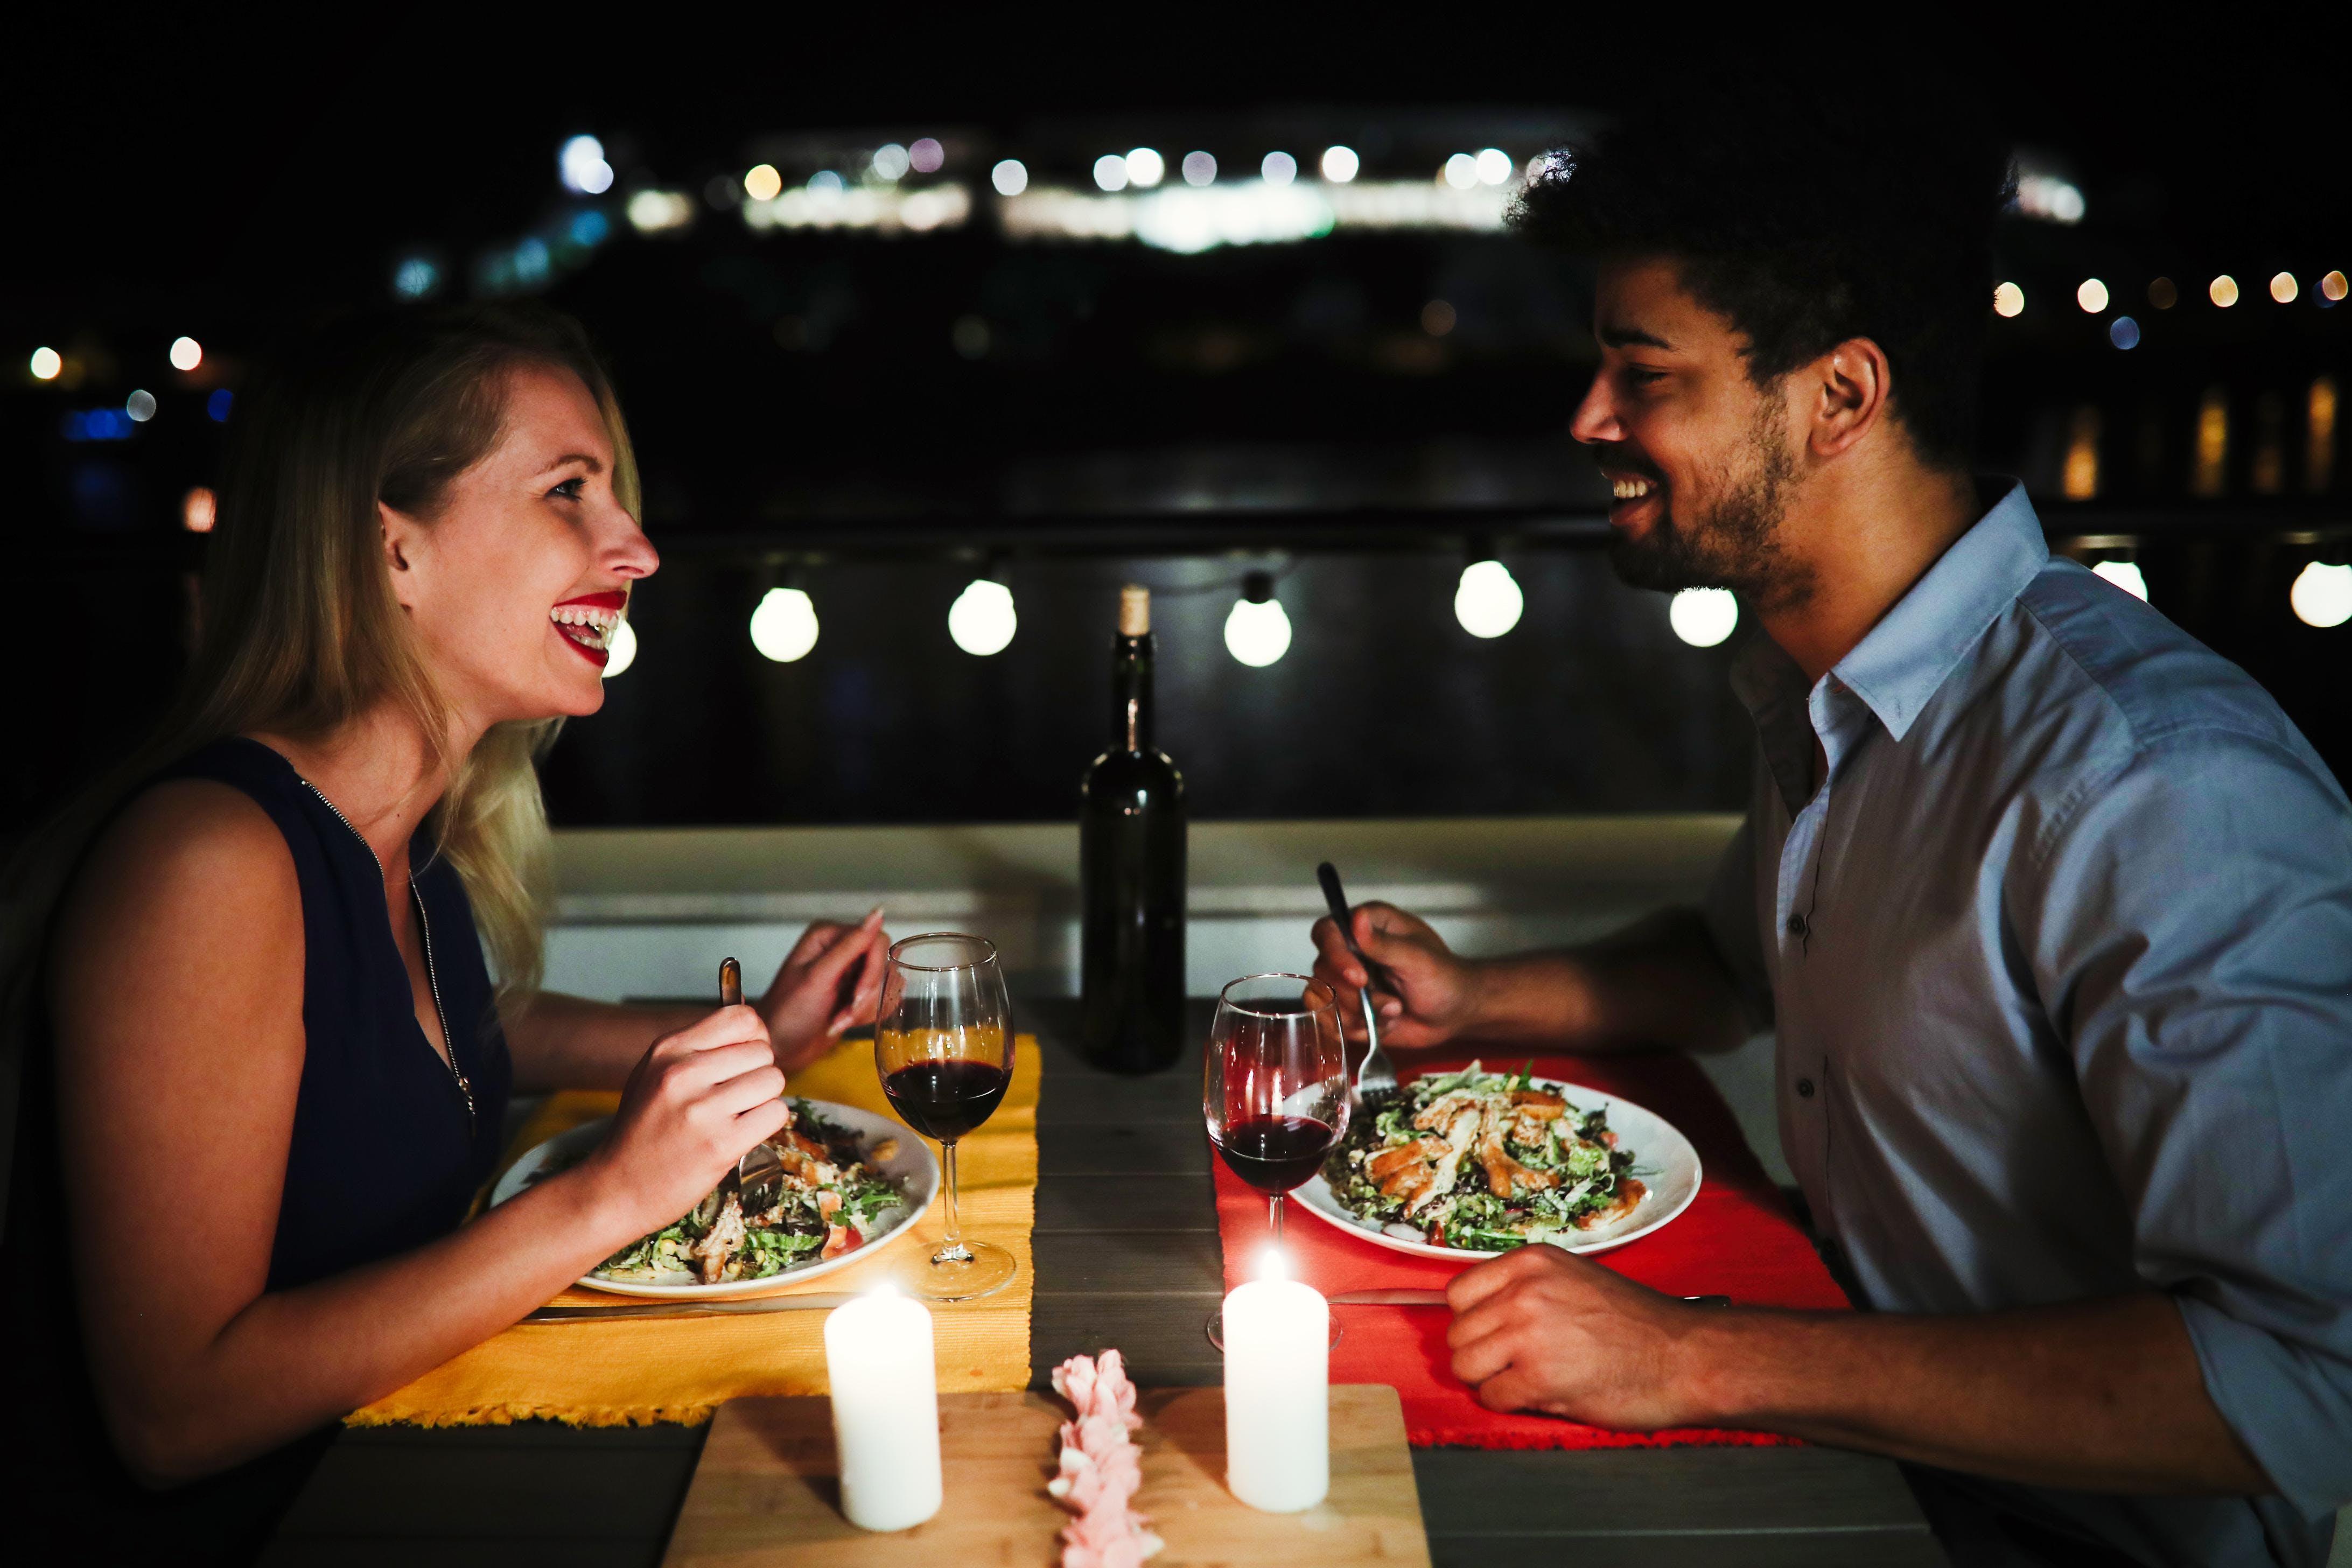 Denver online dating